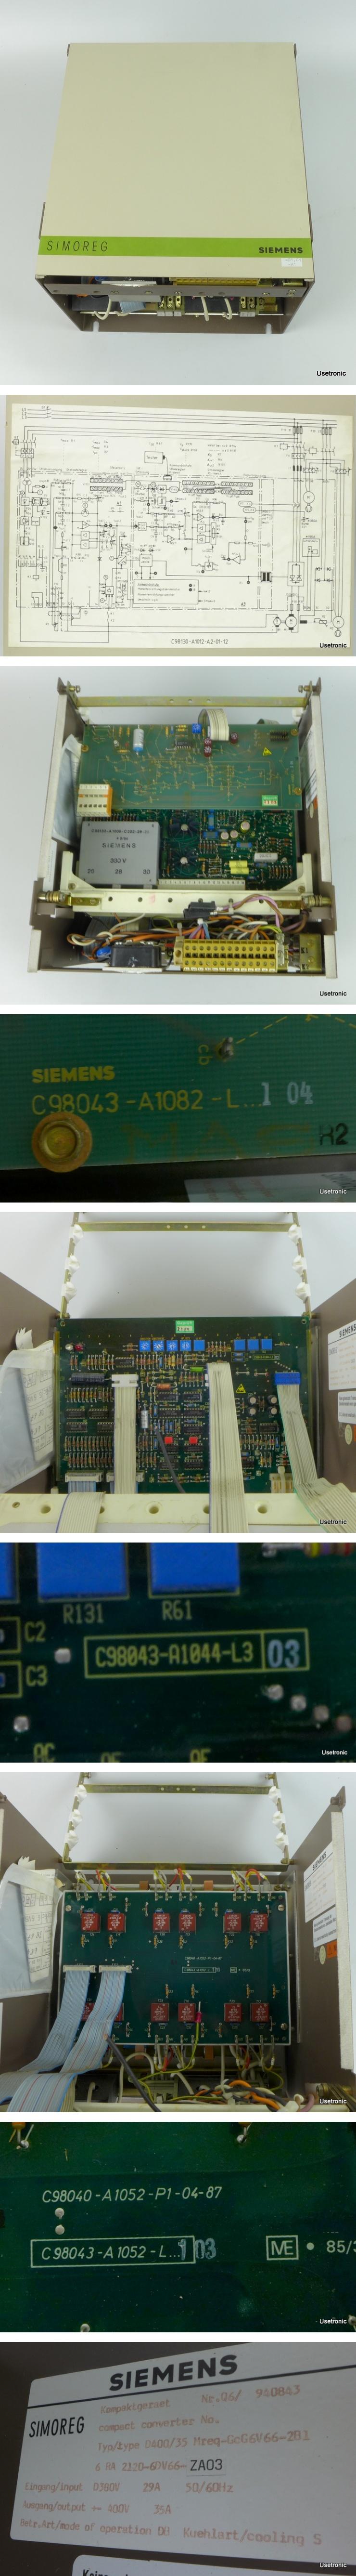 Siemens 6RA2120-6DV66-ZA03 Mreq-GcG6V66-2B1